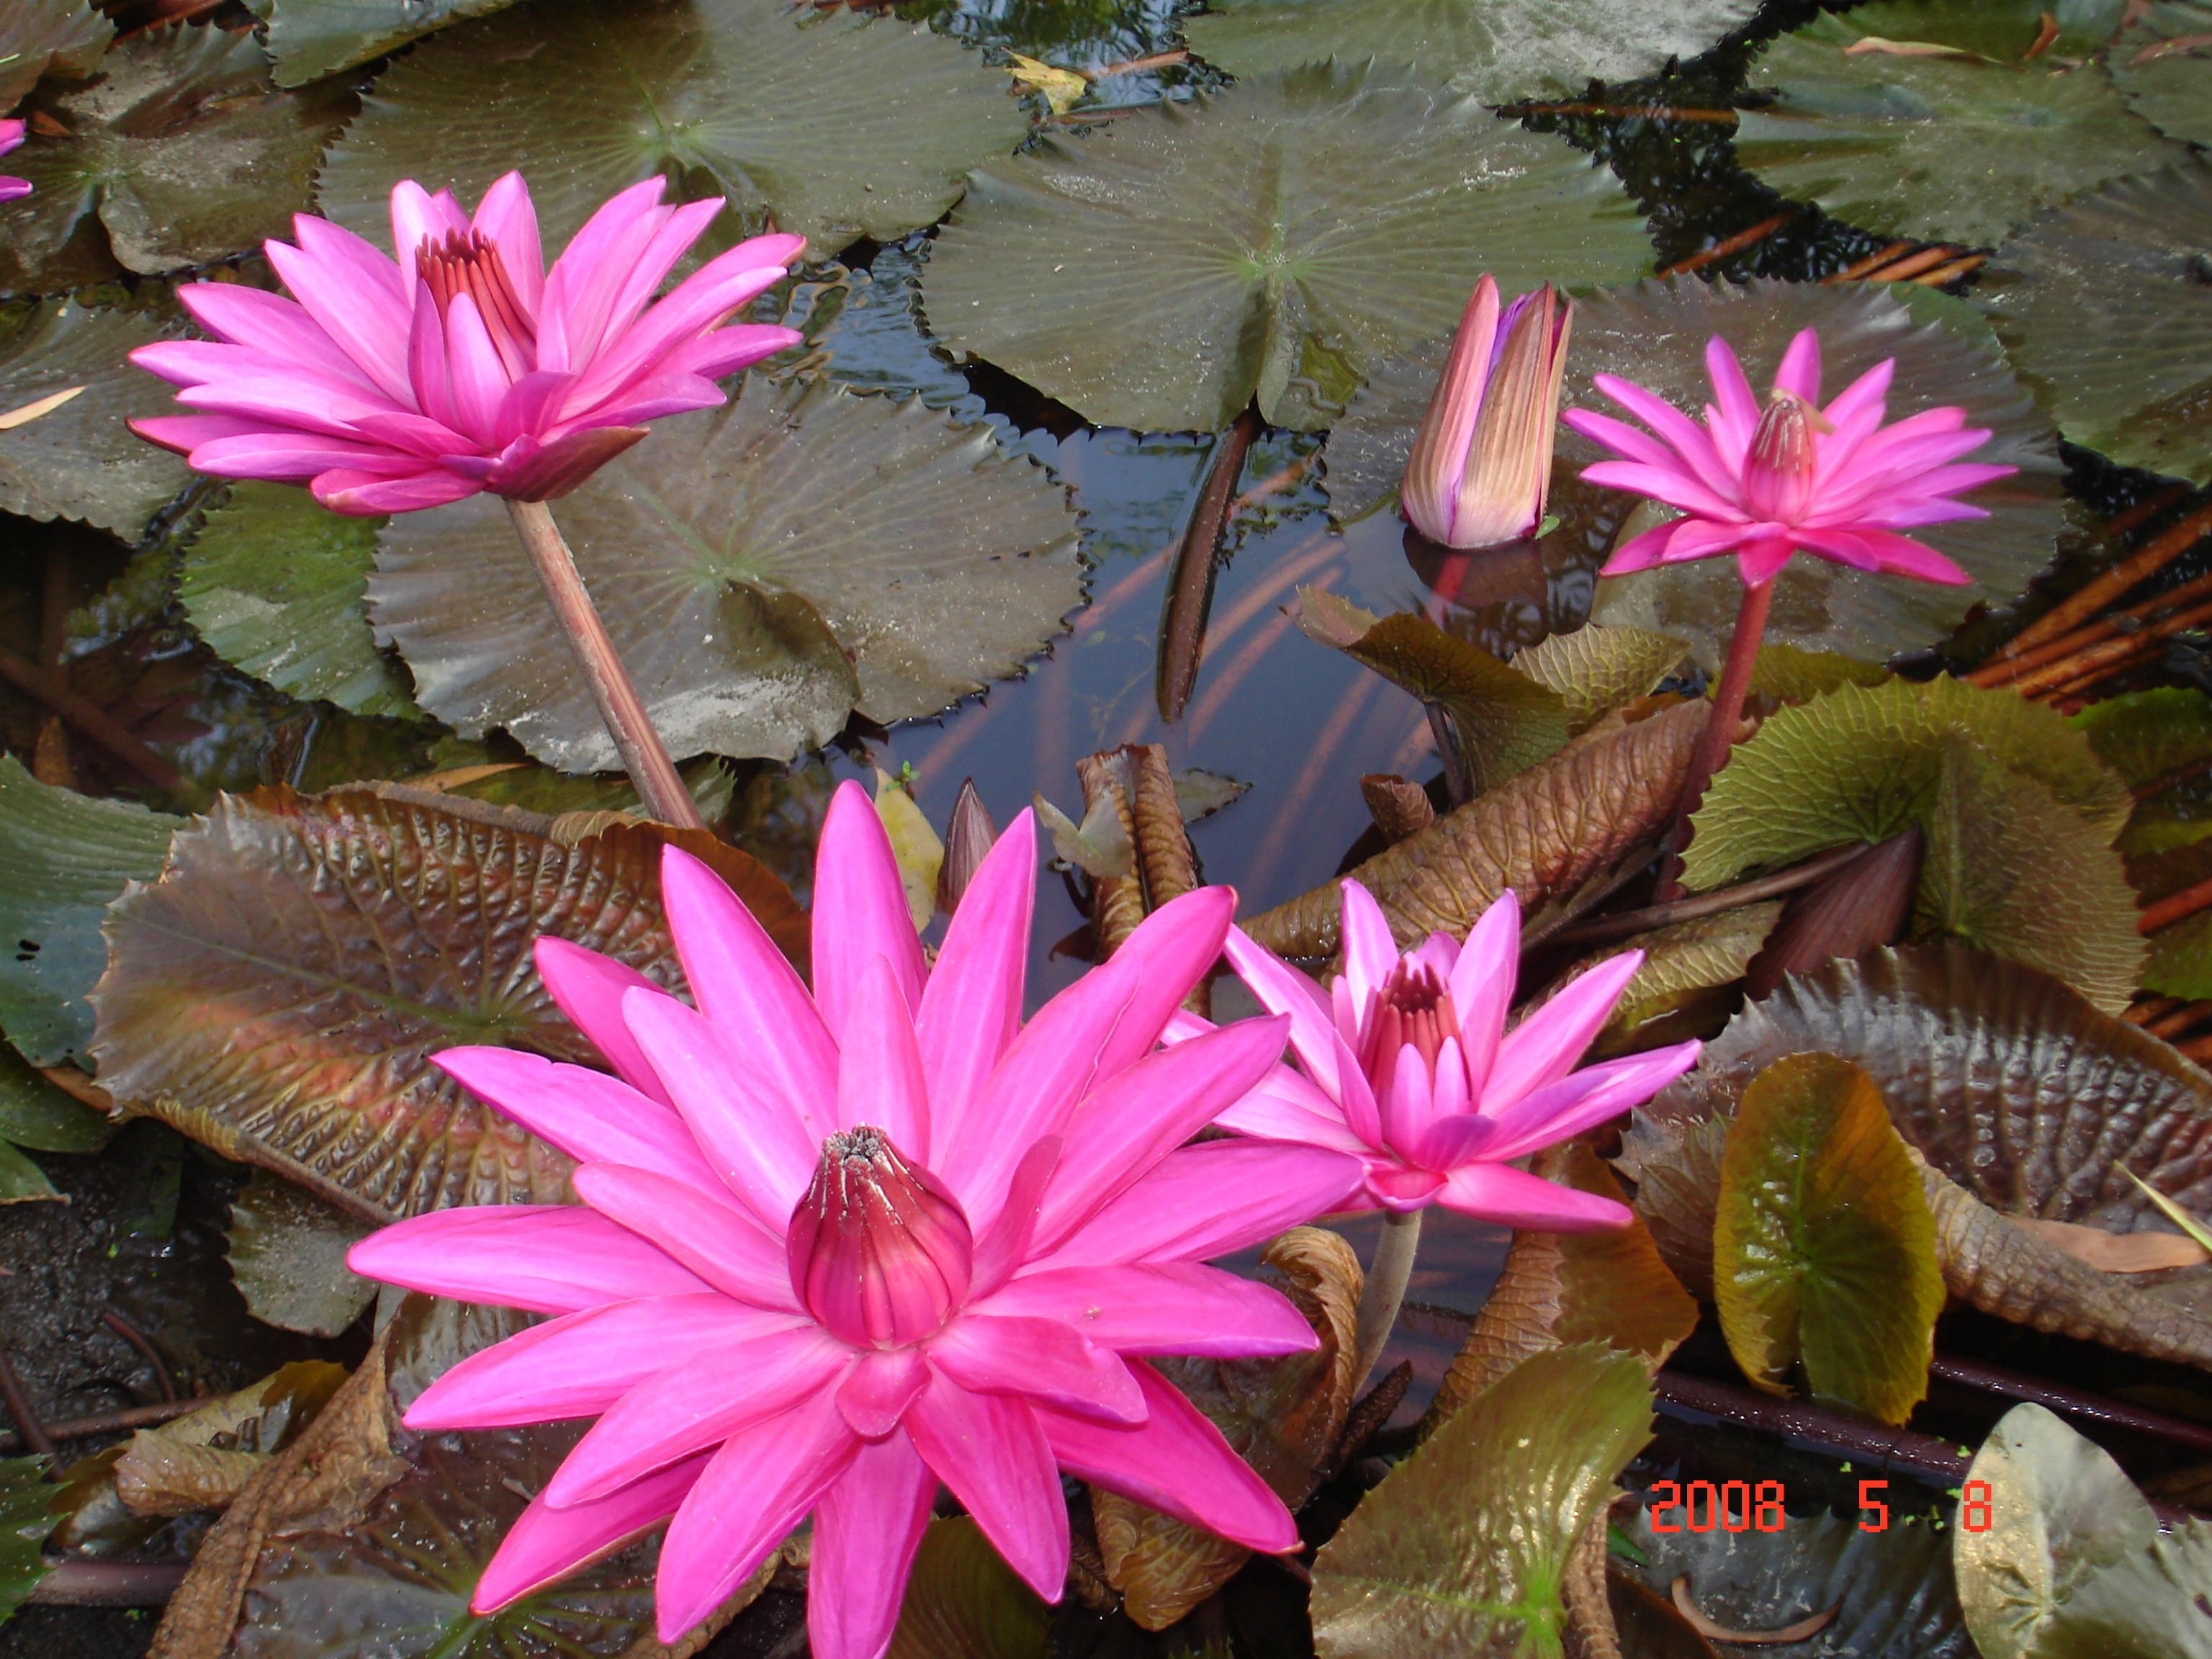 File:Hoa Súng.jpg - Wikimedia Commons